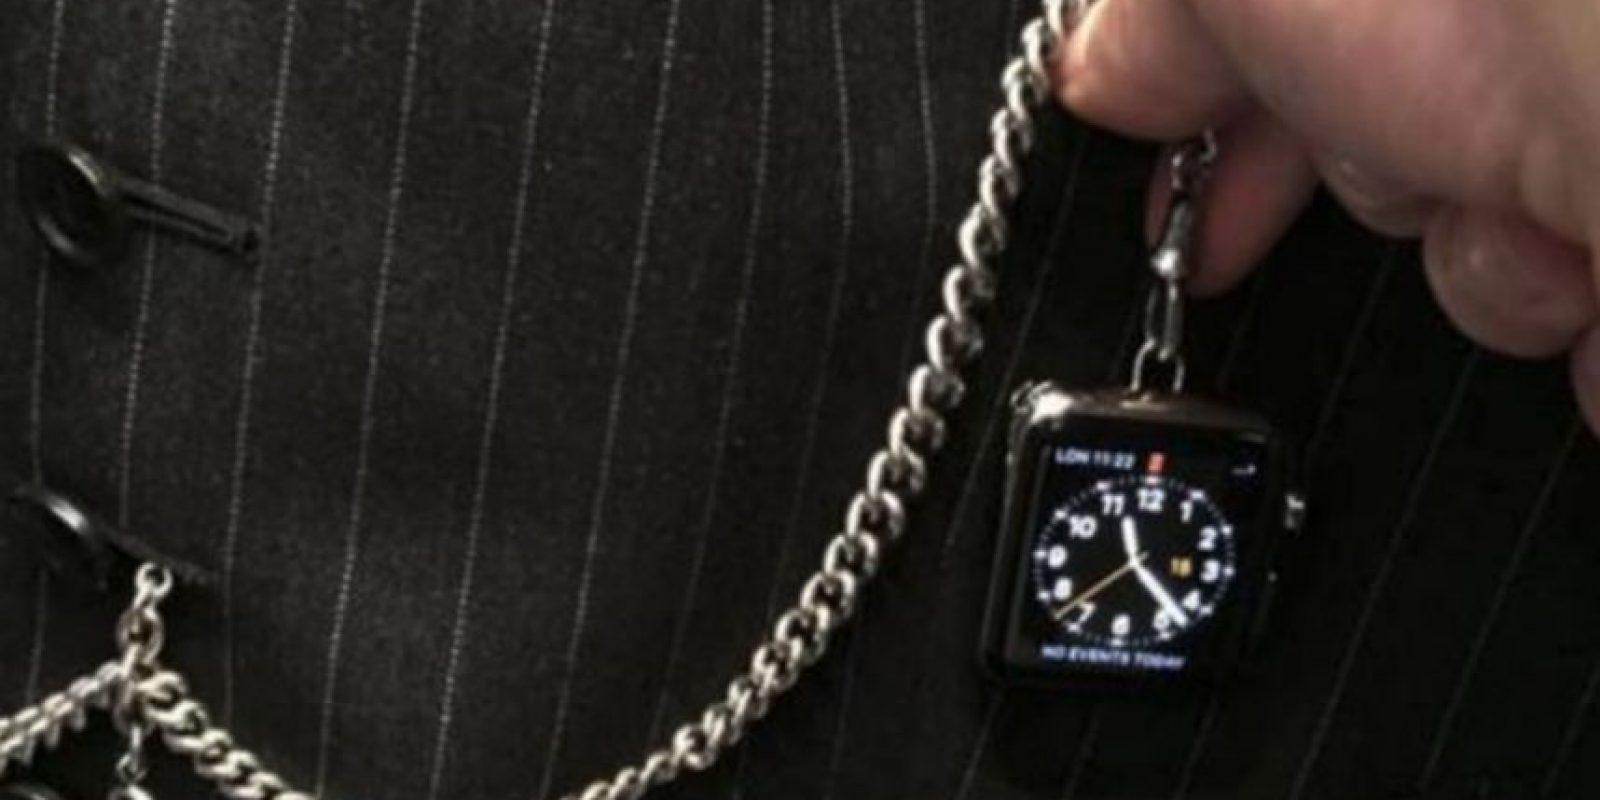 En contra: corren el mismo peligro que los relojes de bolsillo, pueden estrellarse o rayarse fácilmente si no se tiene cuidado. Foto:twitter.com/MatthewSchneier/